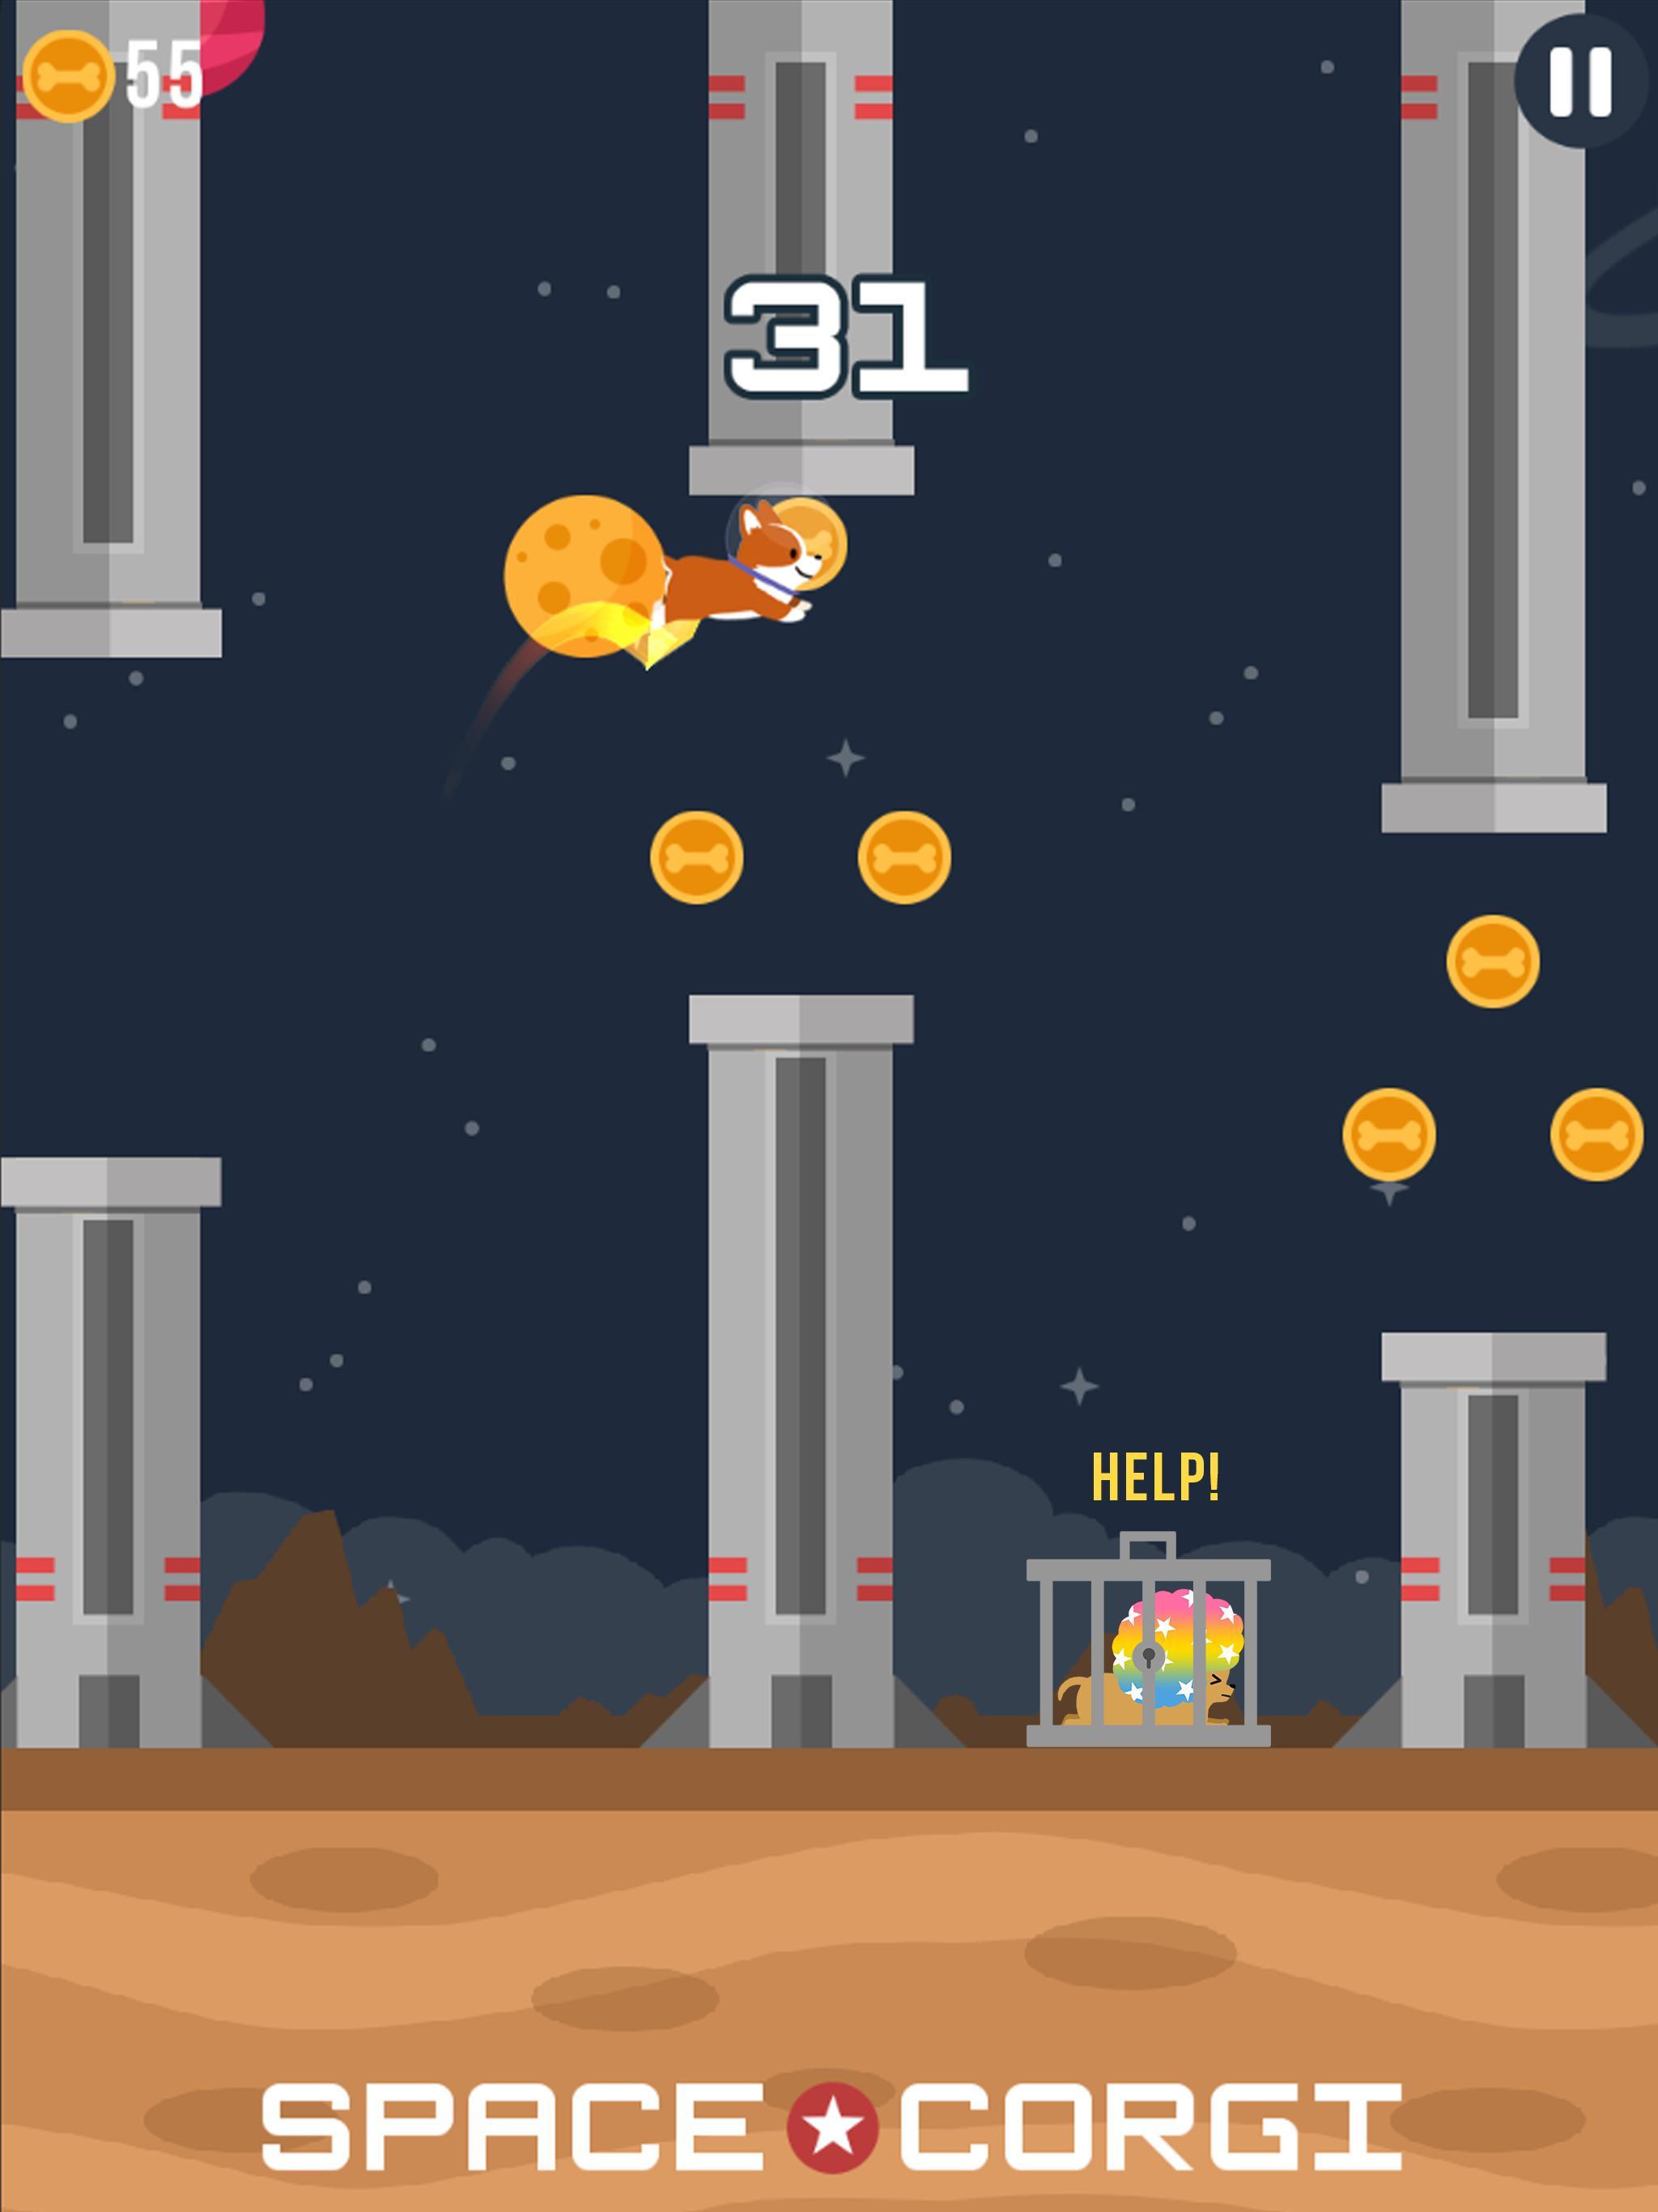 Space Corgi Dog jumping space travel game 27 Screenshot 7